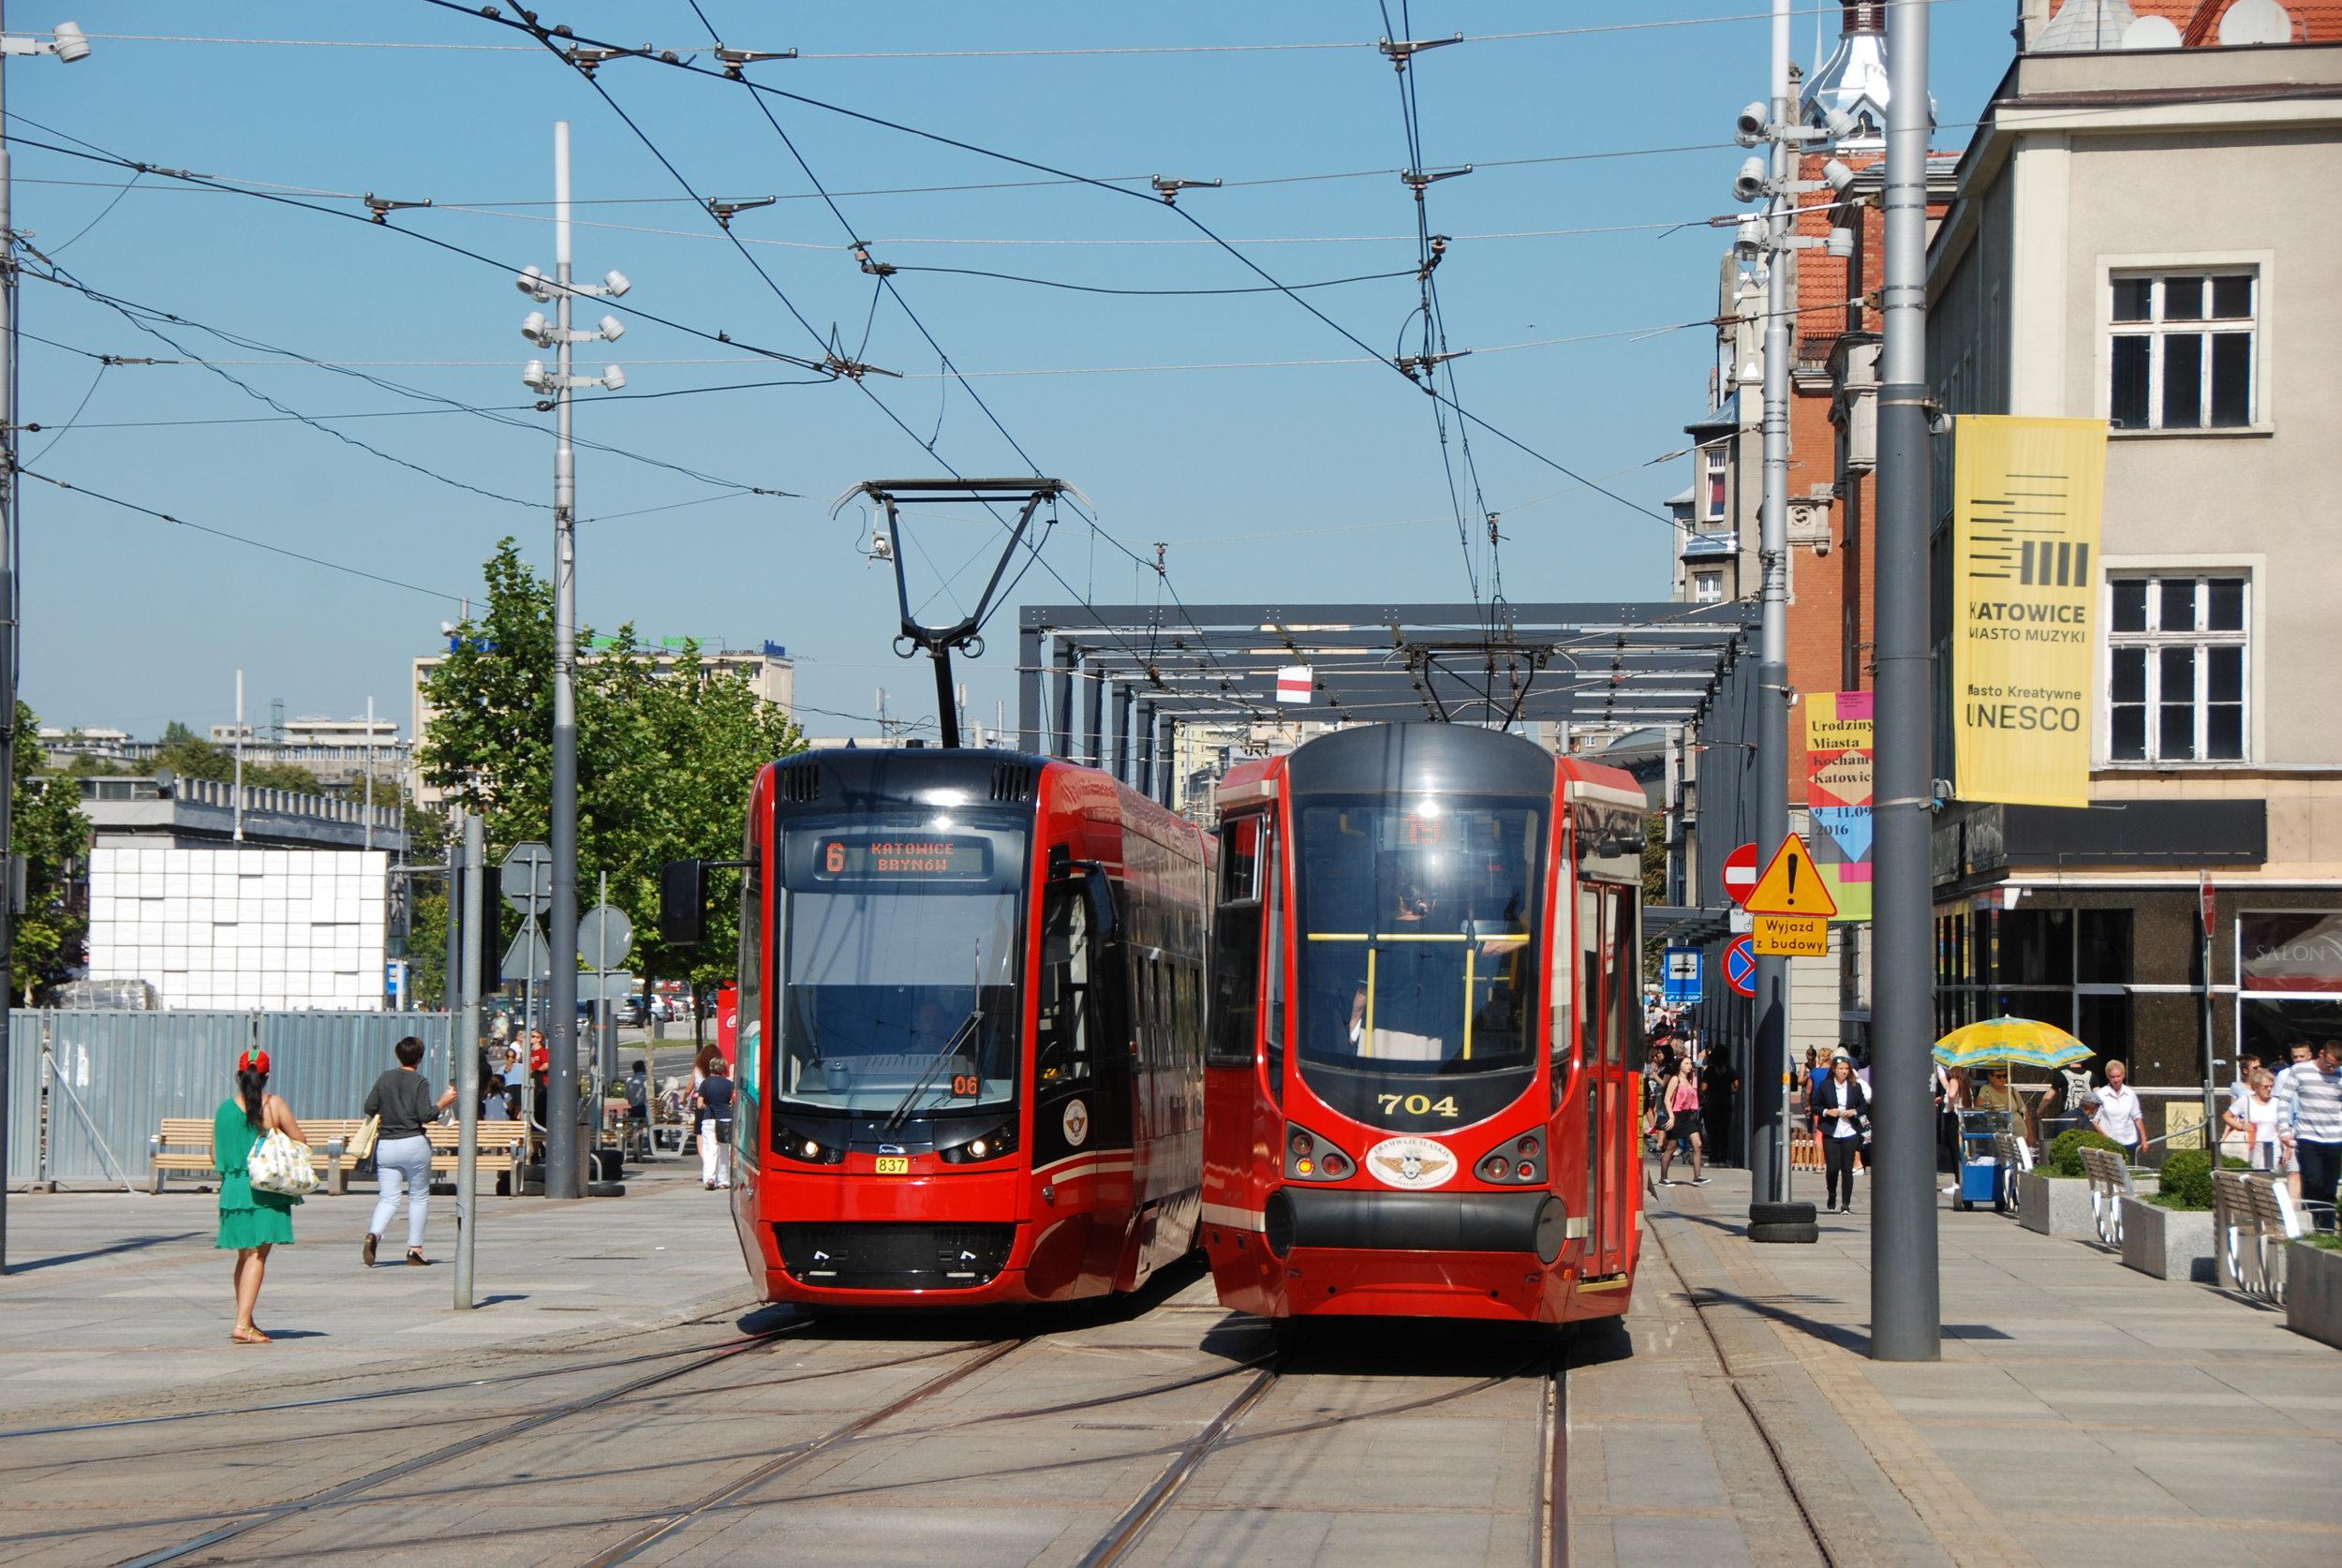 Hned s dvojicí projektů na vývoj moderních tramvají uspěla společnost PESA. Na snímku vidíme její vůz PESA Twist (vlevo) při míjení s modernizovaným vozem Moderus Alfa (Konstal 105N-HF11AC) v Katowicích. (foto: Libor Hinčica)